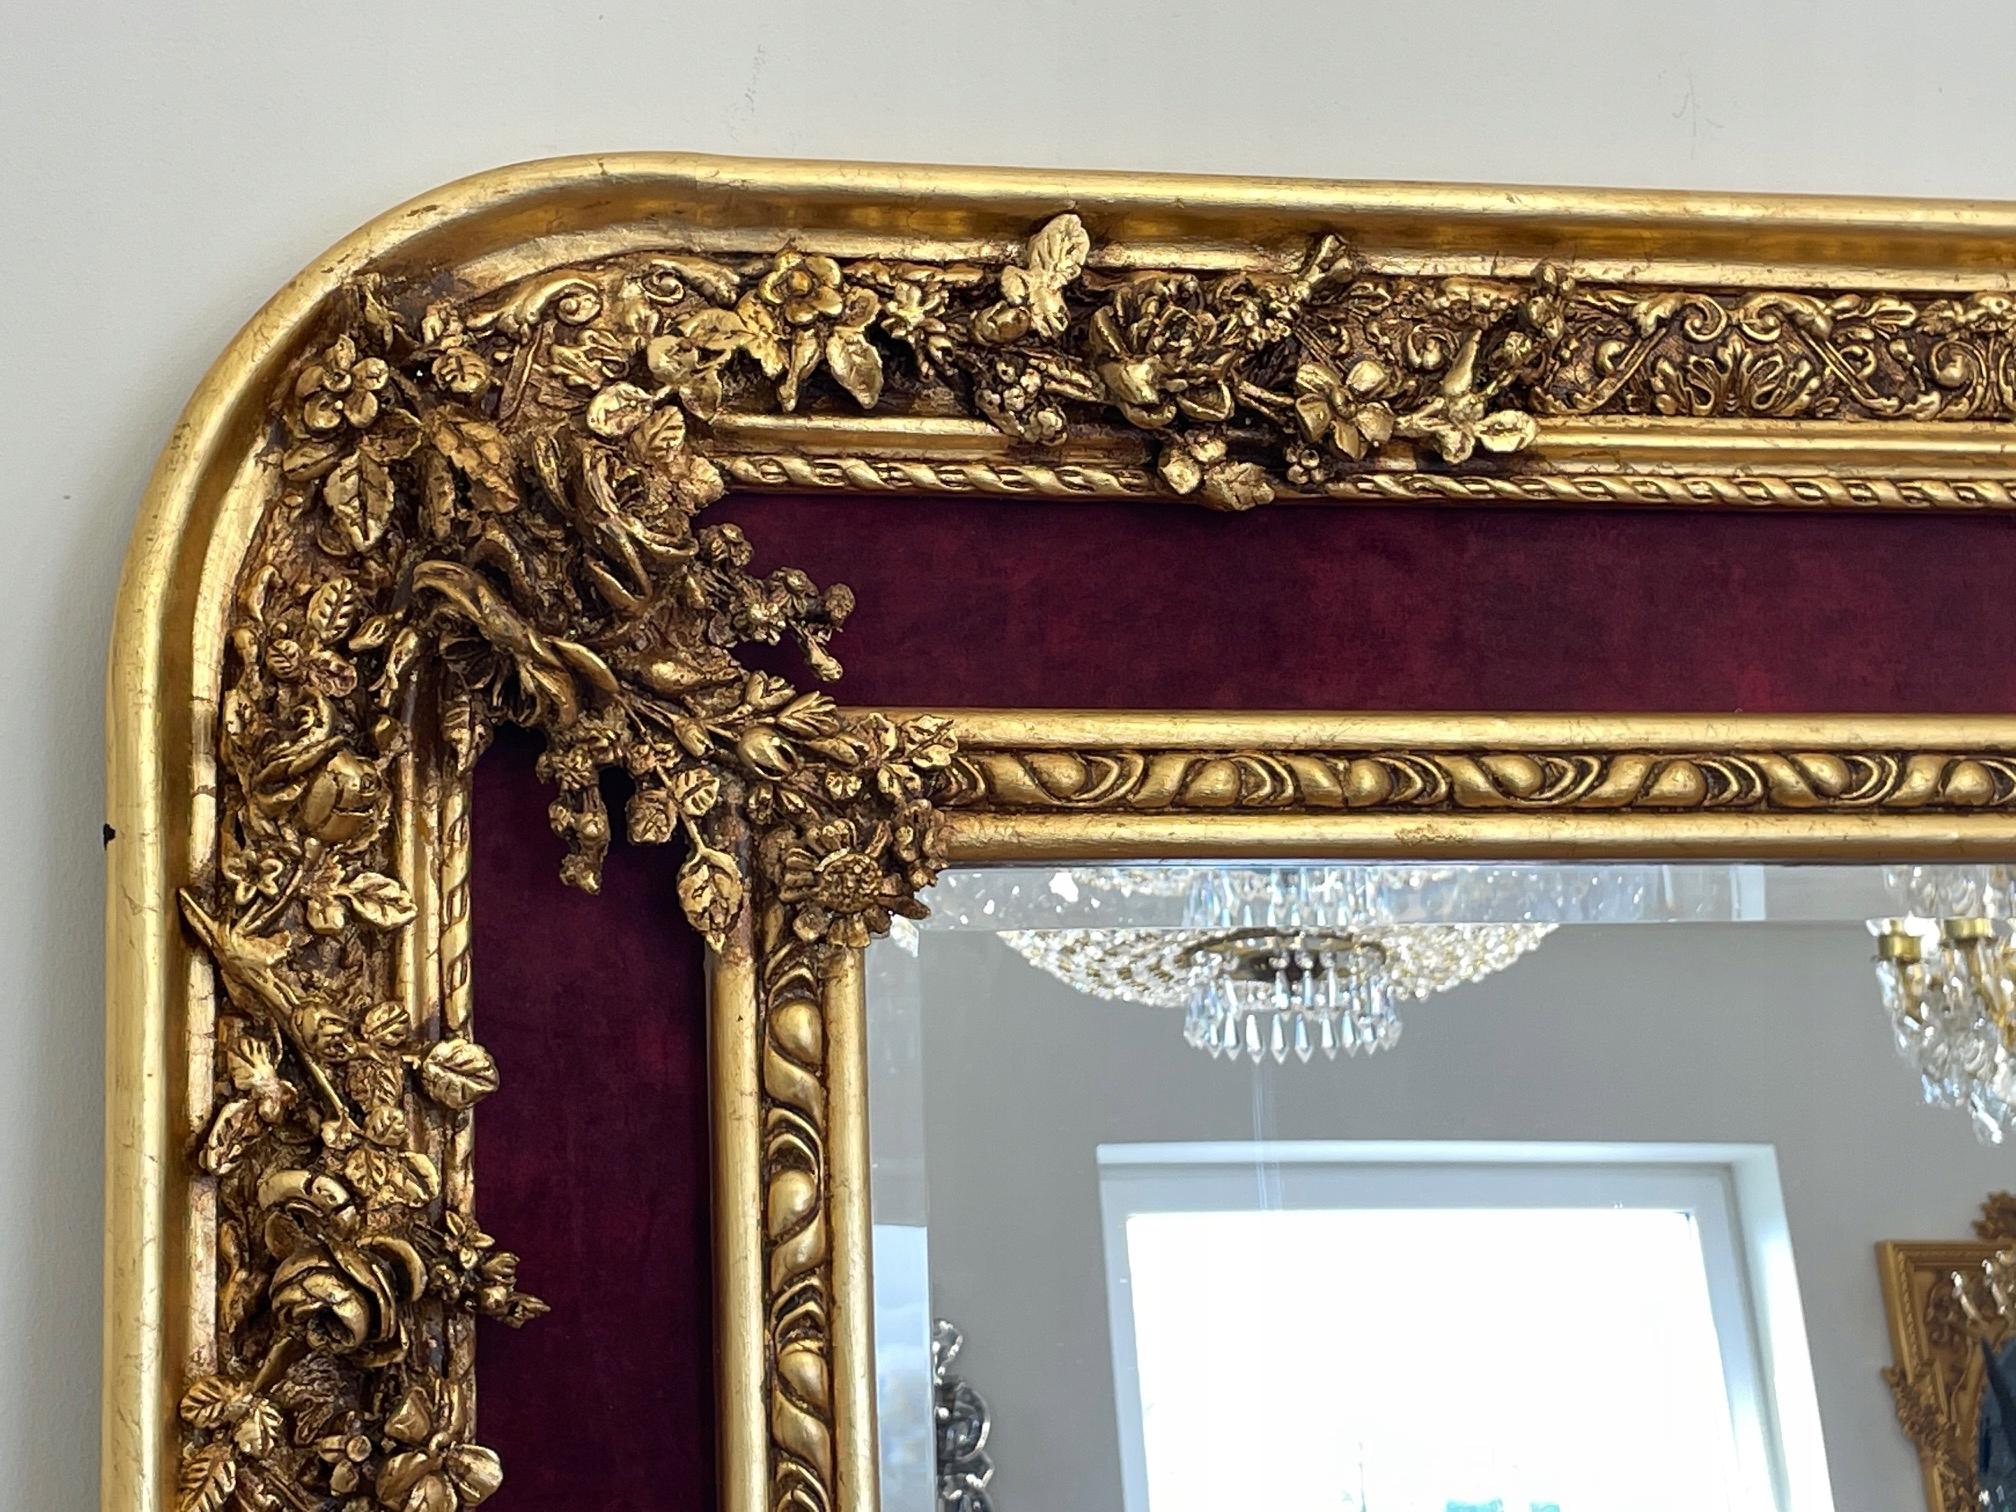 ЗОЛОТО - Бордо - РАМА - декорированная - 160 x 105